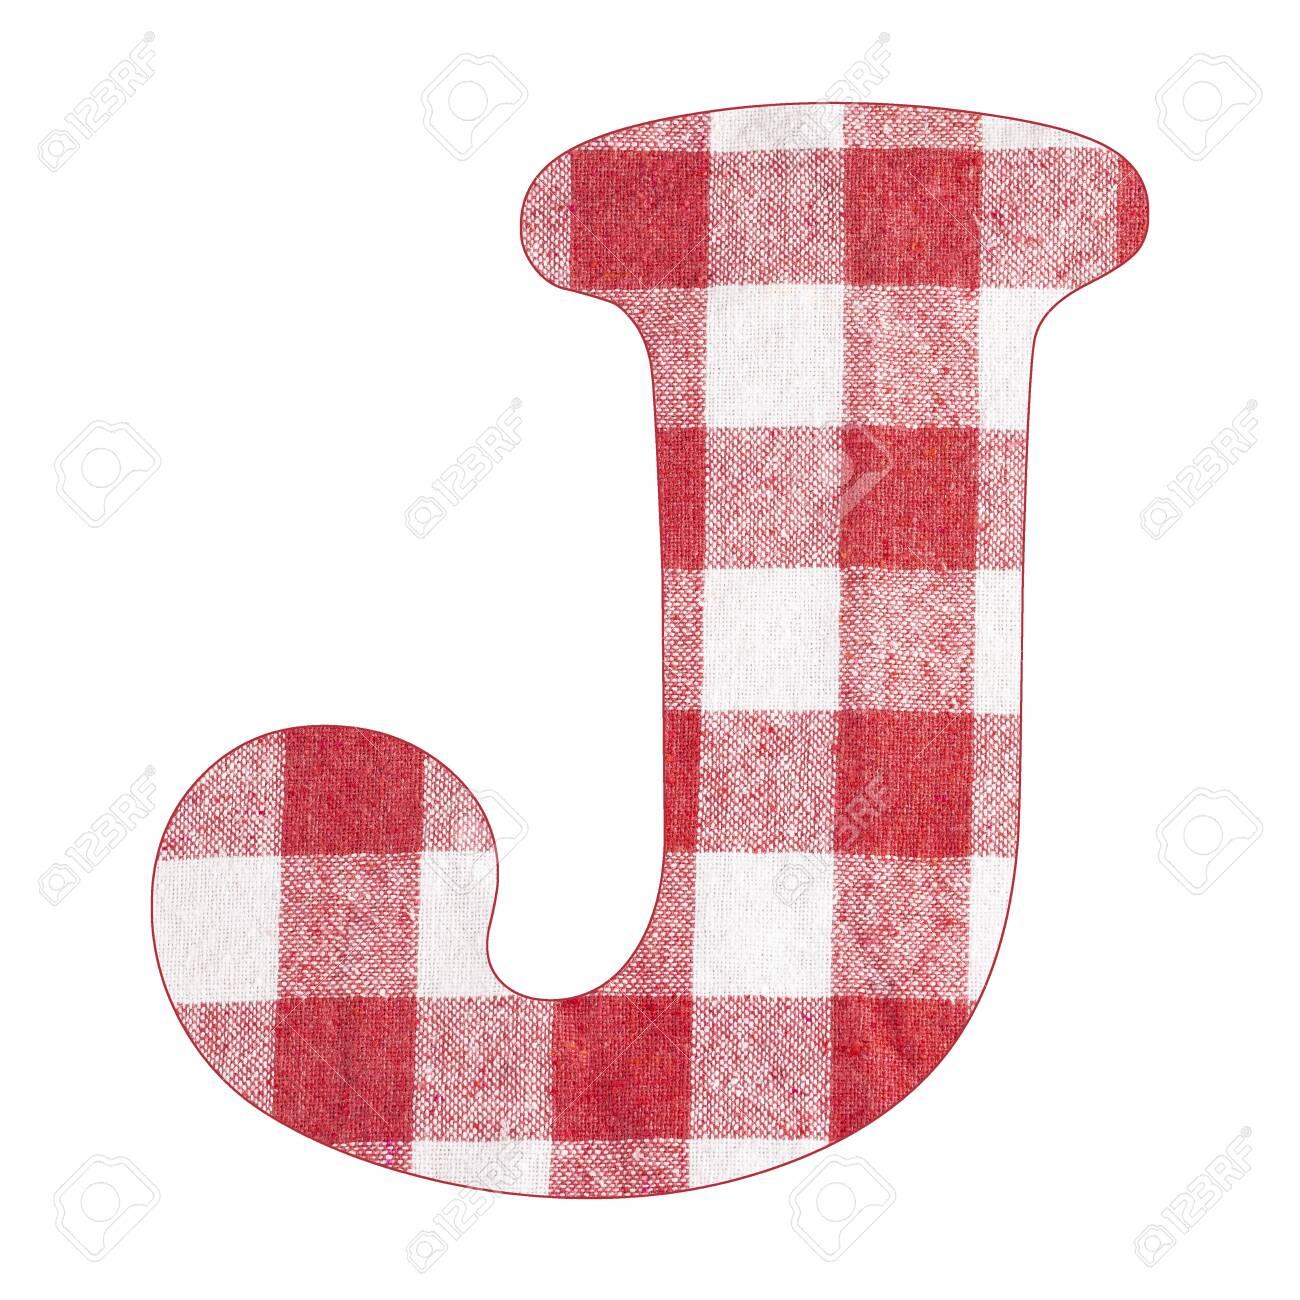 Letter J - Red checkered napkin background - 141712048